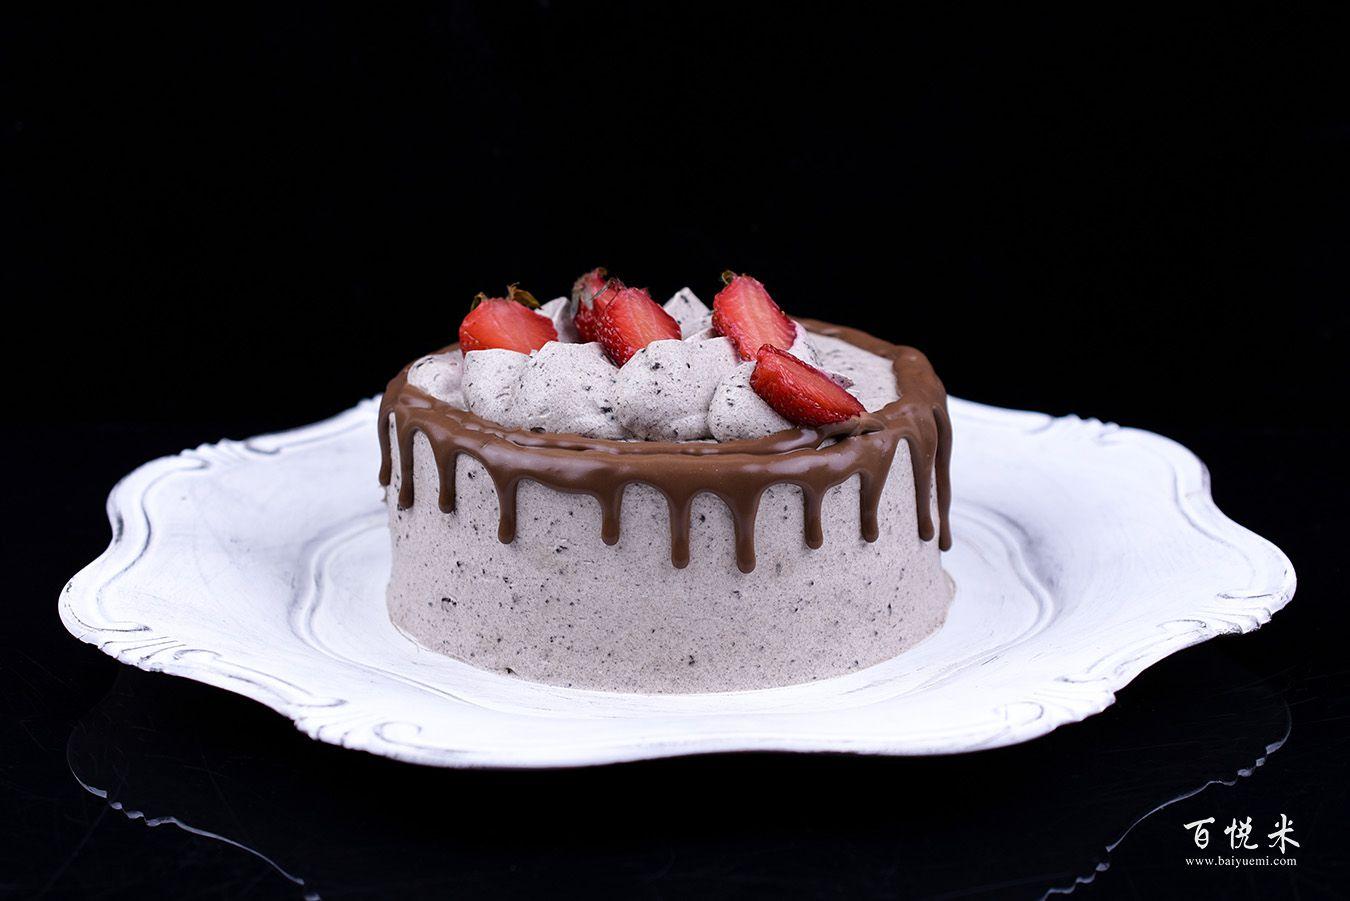 奥利奥咸奶油草莓淋面蛋糕高清图片大全【蛋糕图片】_1135